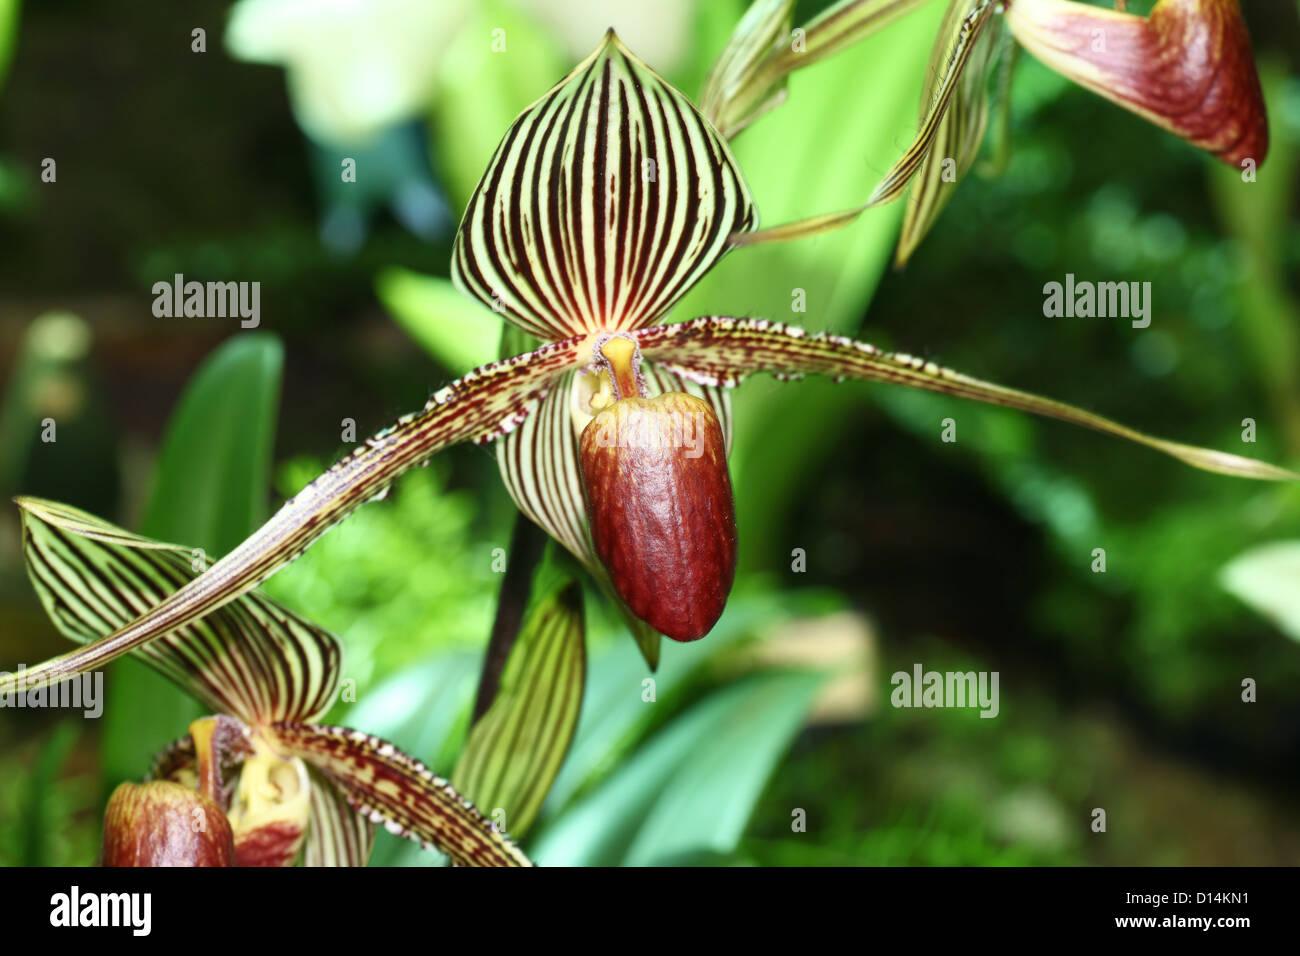 Rothschild's Slipper Orchid (Paphiopedilum rothschildianum) - Stock Image